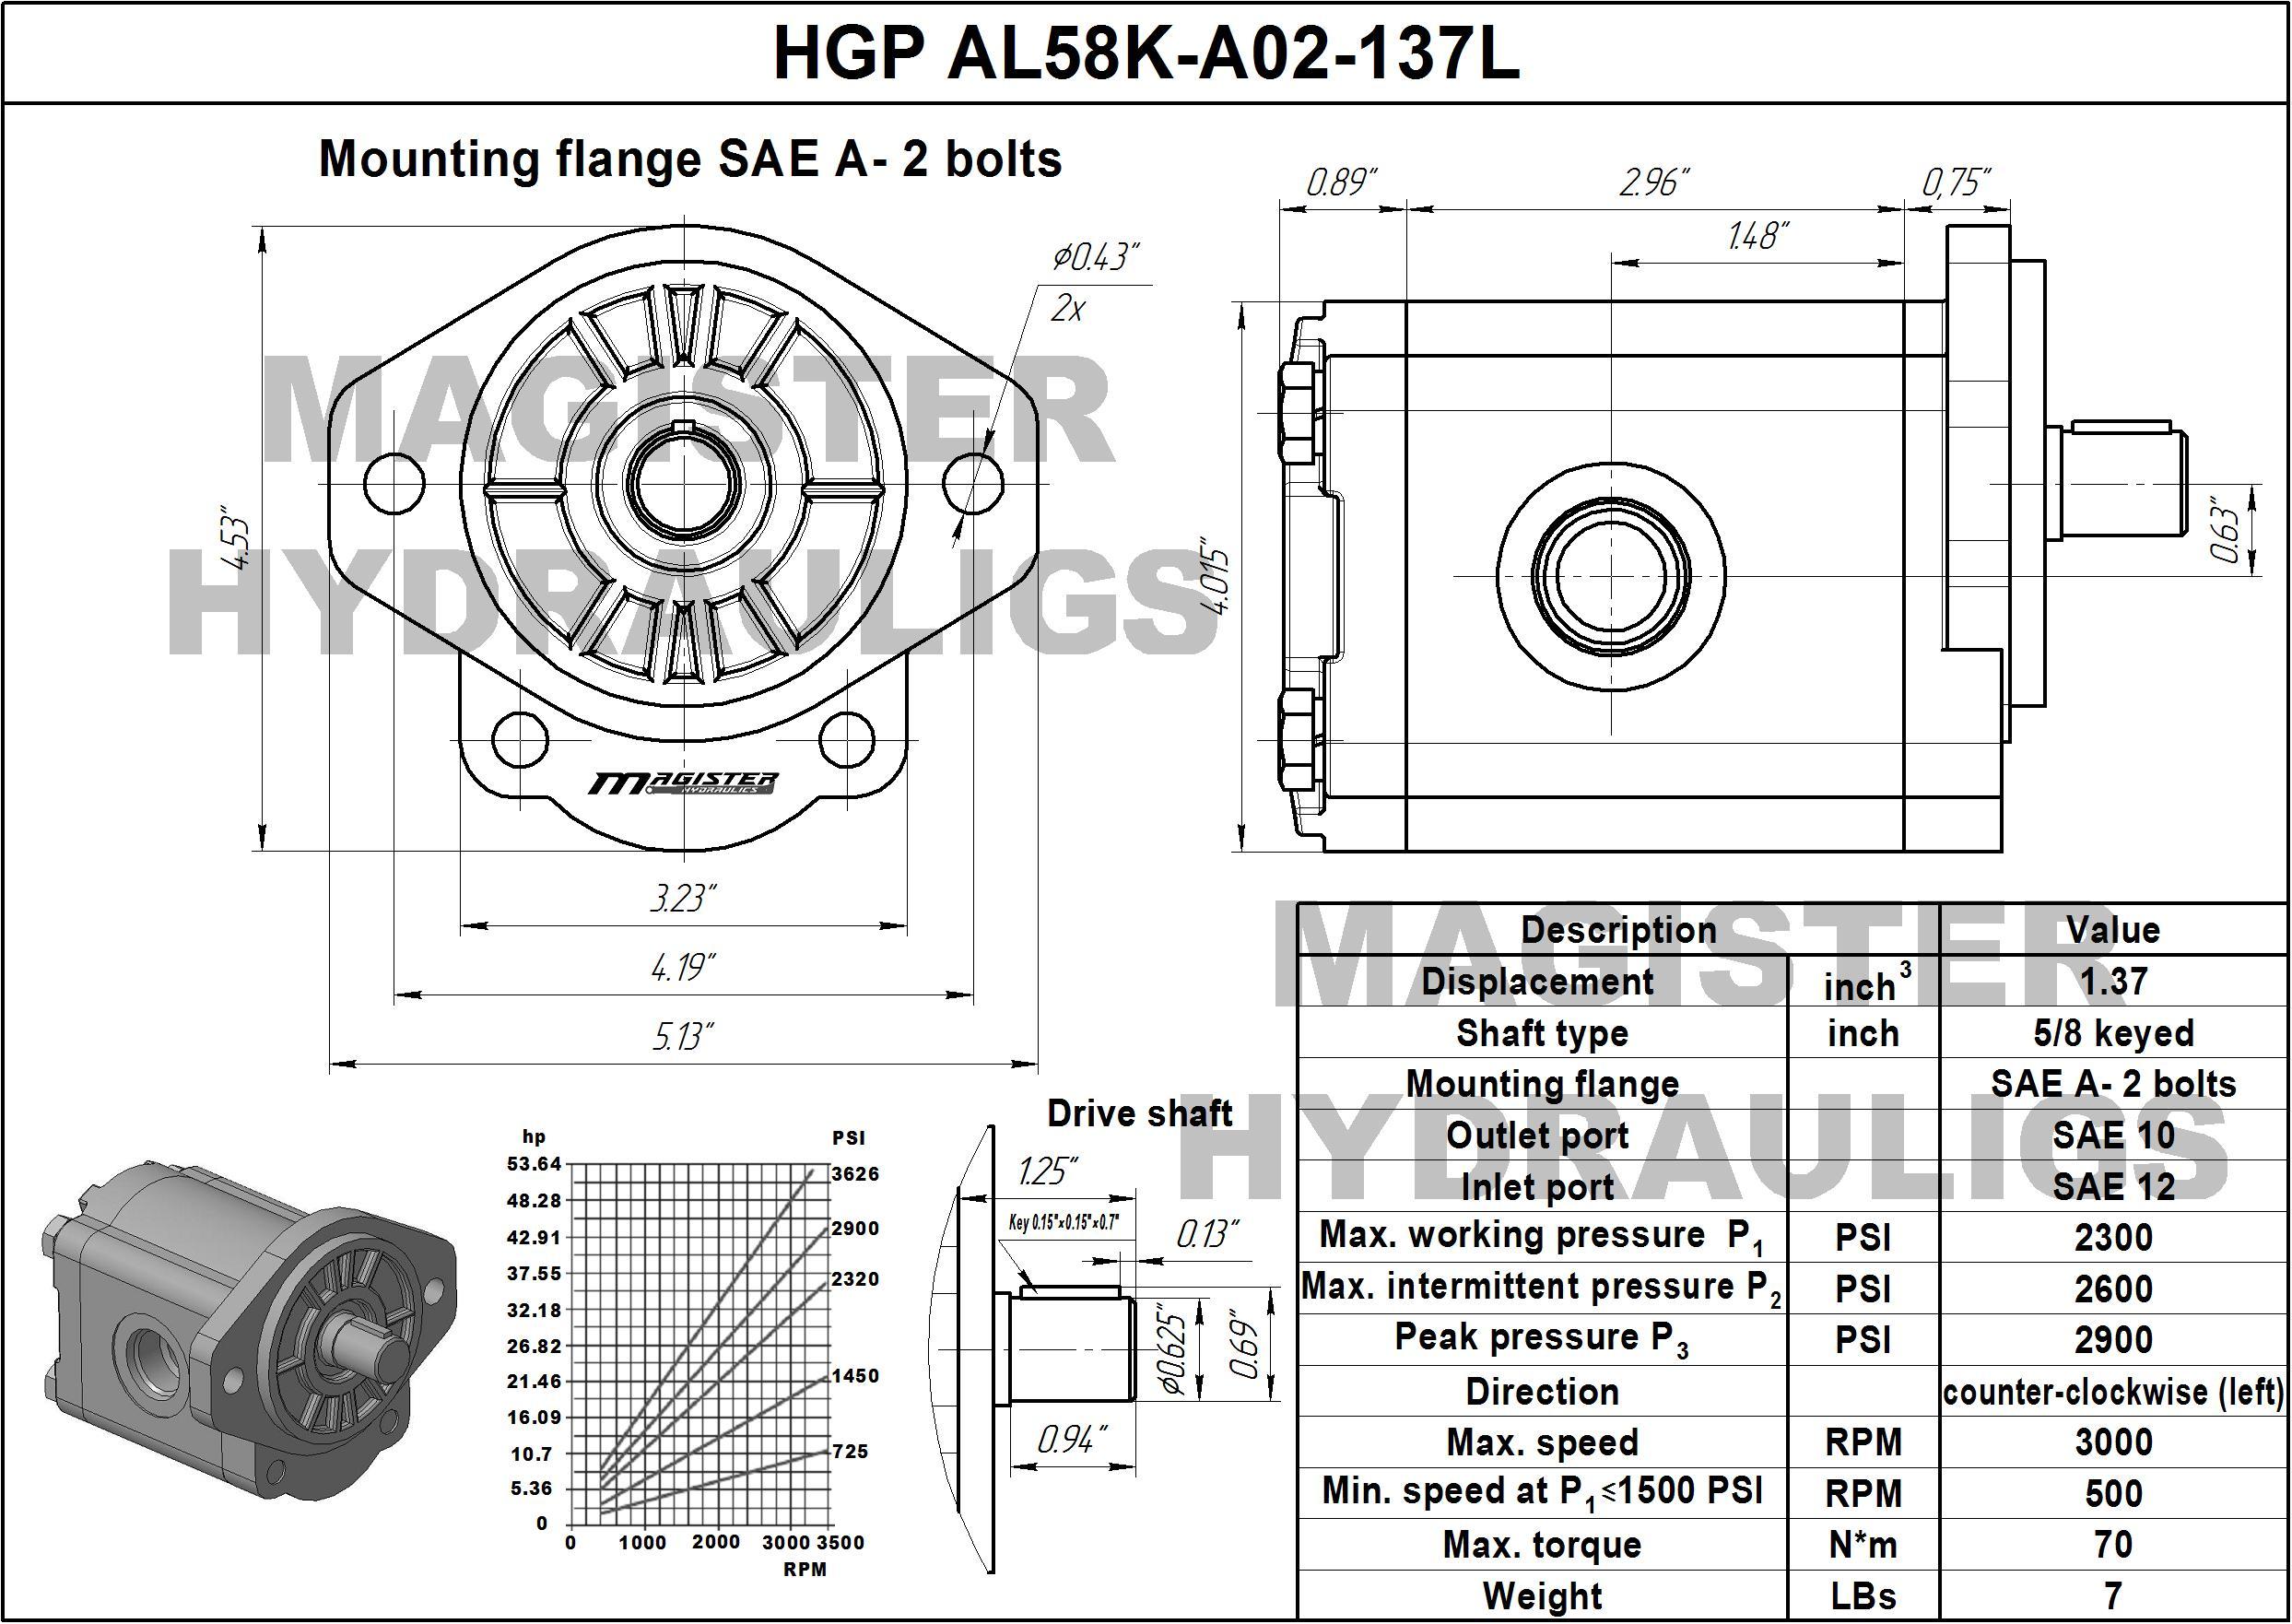 1.37 CID hydraulic gear pump, 5/8 keyed shaft counter-clockwise gear pump | Magister Hydraulics